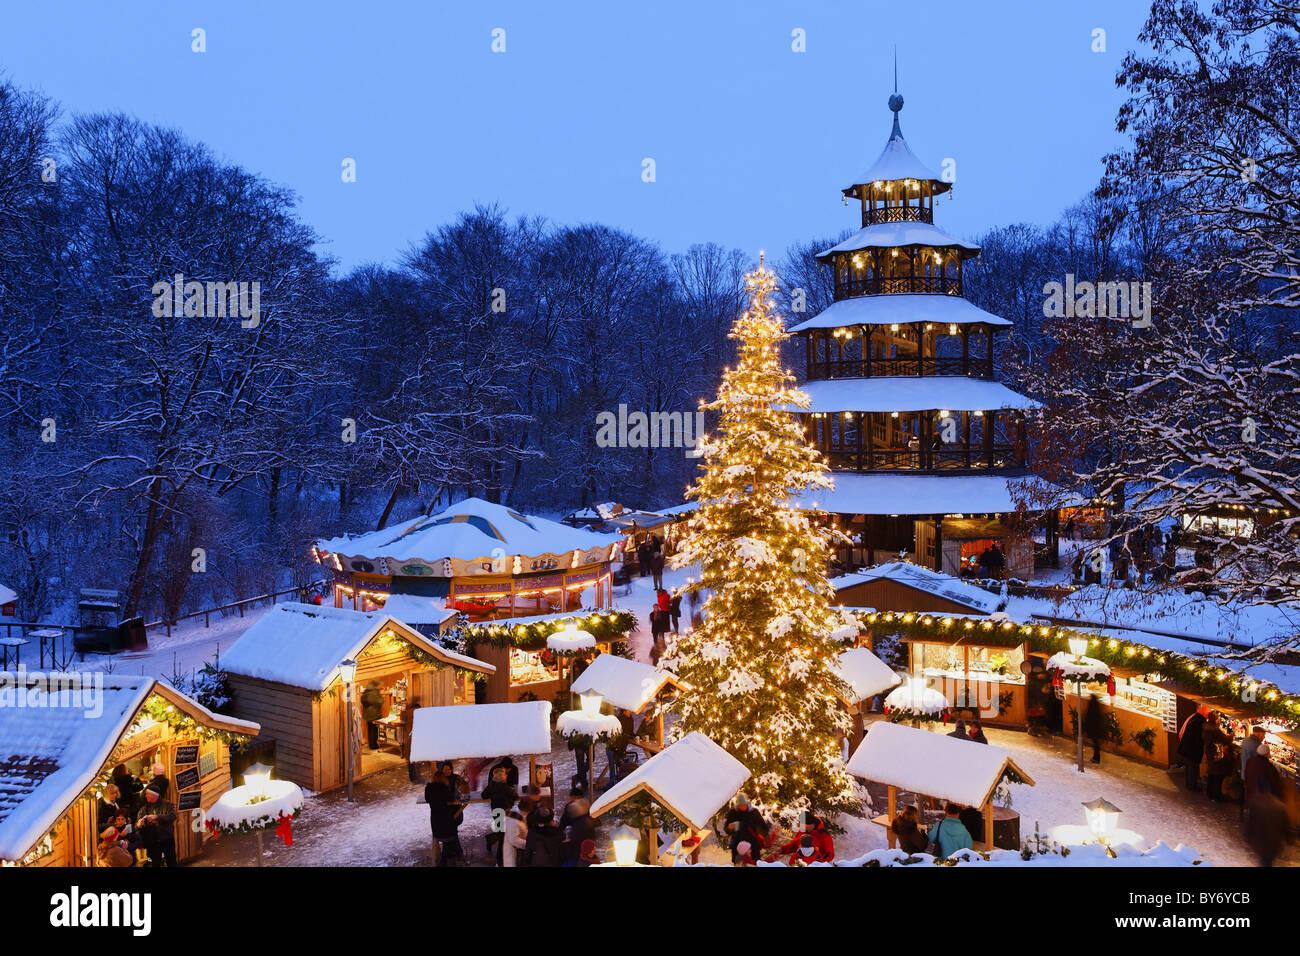 Weihnachtsmarkt Am Chinesischen Turm.Weihnachtsmarkt Am Chinesischer Turm Englischer Garten München